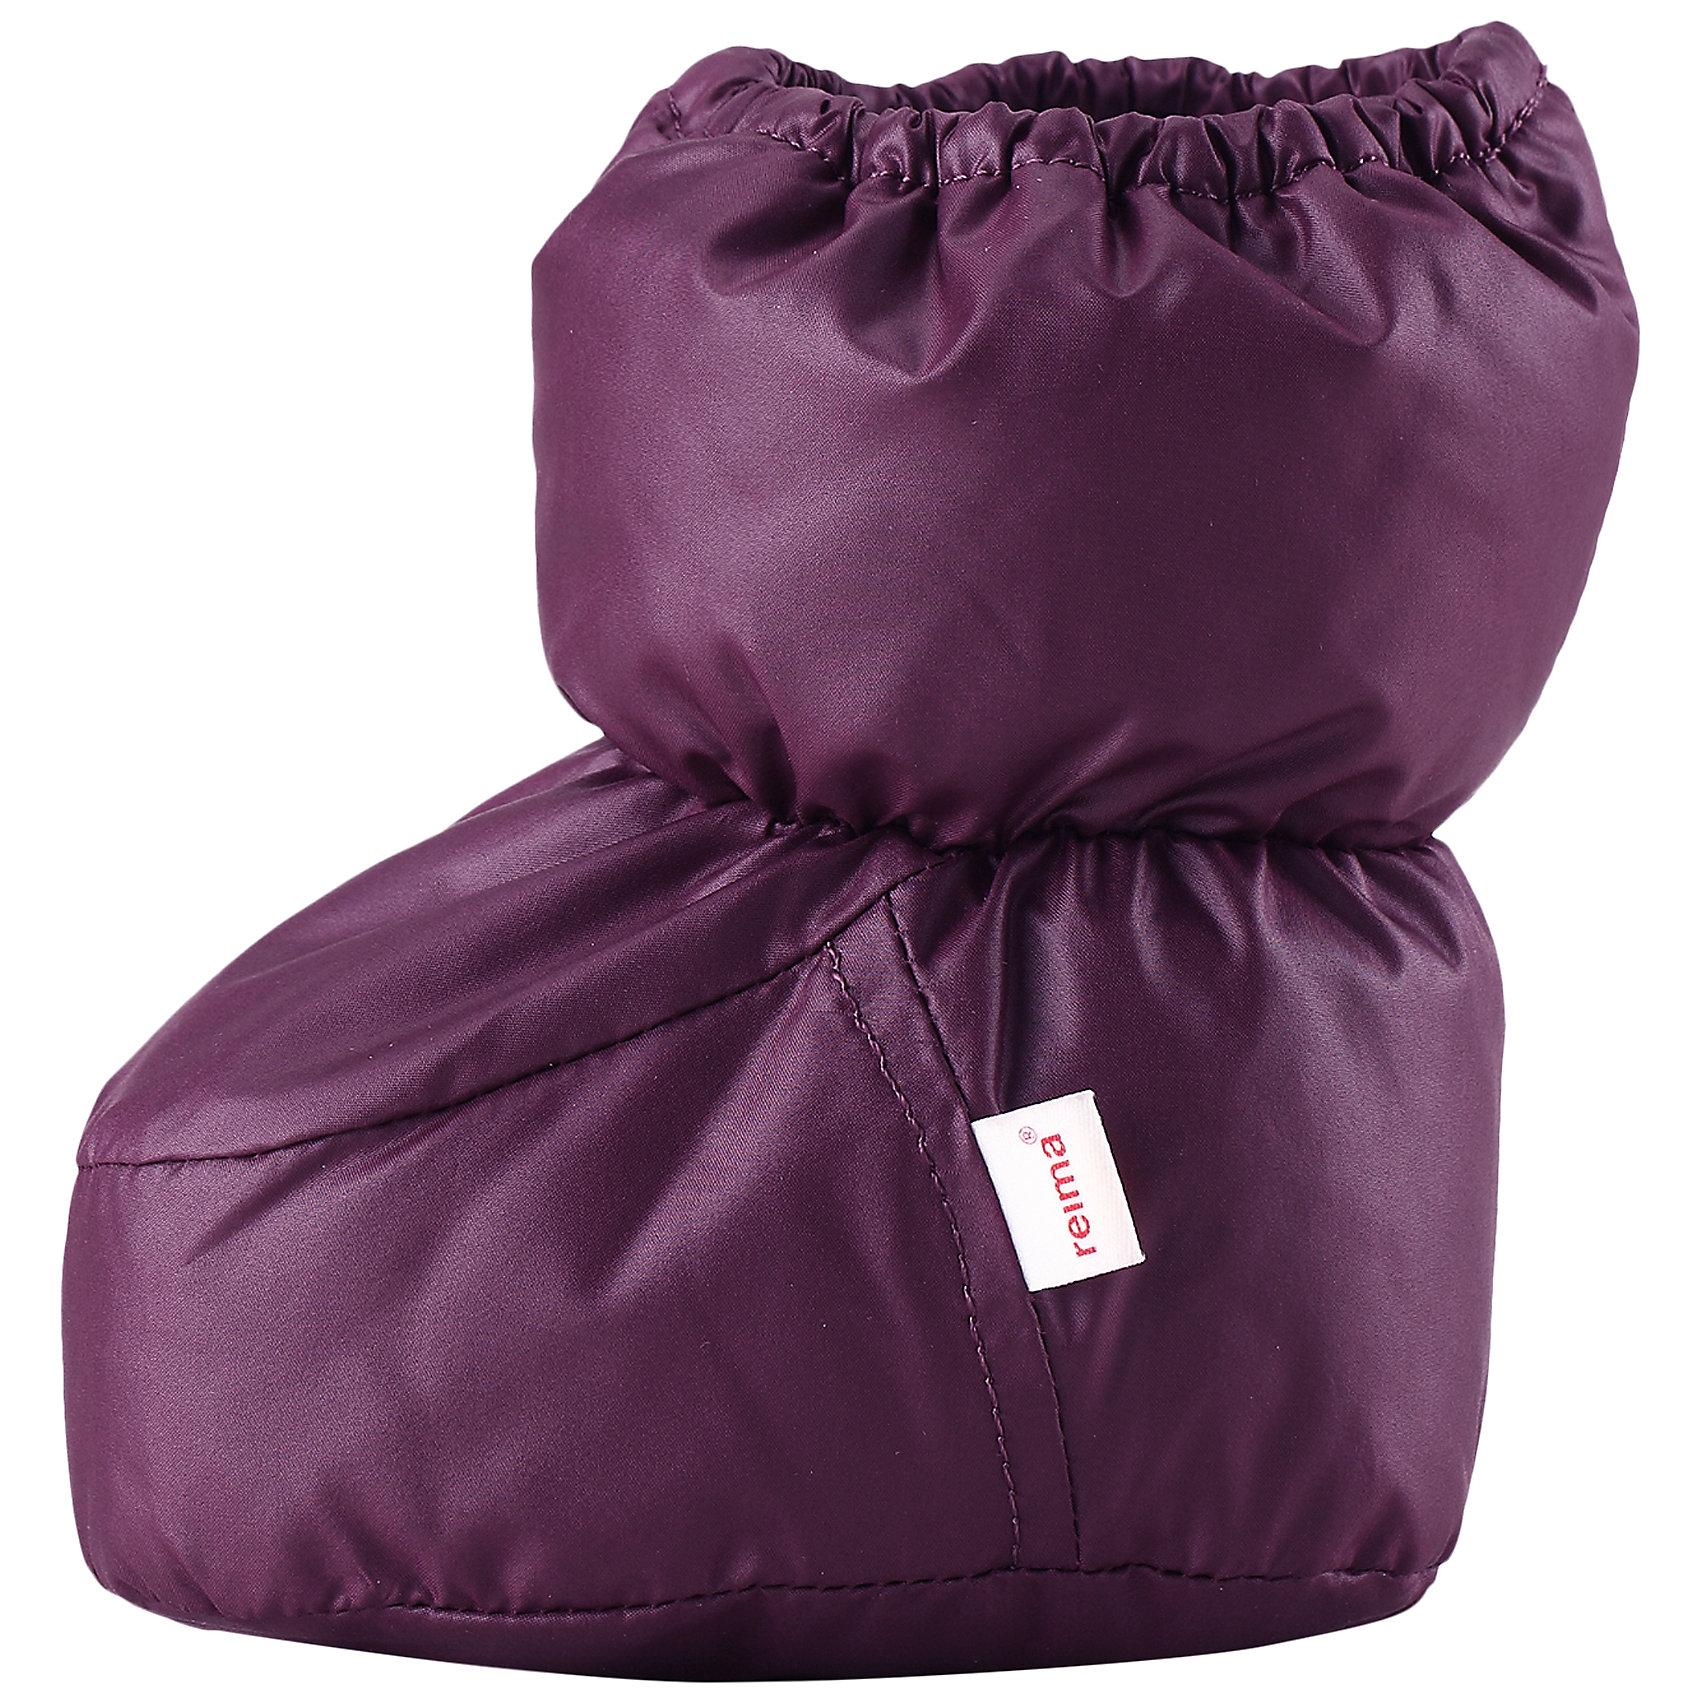 Пинетки Uskallus для девочки ReimaПинетки  Reima<br>Пинетки для самых маленьких. Водоотталкивающий, ветронепроницаемый и «дышащий» материал. Мягкая подкладка из хлопка и эластана. Легкая степень утепления. Логотип Reima® сбоку.<br>Утеплитель: Reima® Comfortinsulation,80 g<br>Уход:<br>Стирать с бельем одинакового цвета, вывернув наизнанку. Стирать моющим средством, не содержащим отбеливающие вещества. Полоскать без специального средства. Сушить при низкой температуре. <br>Состав:<br>100% Полиэстер<br><br>Ширина мм: 162<br>Глубина мм: 171<br>Высота мм: 55<br>Вес г: 119<br>Цвет: фиолетовый<br>Возраст от месяцев: 0<br>Возраст до месяцев: 12<br>Пол: Женский<br>Возраст: Детский<br>Размер: 0,1<br>SKU: 4775646